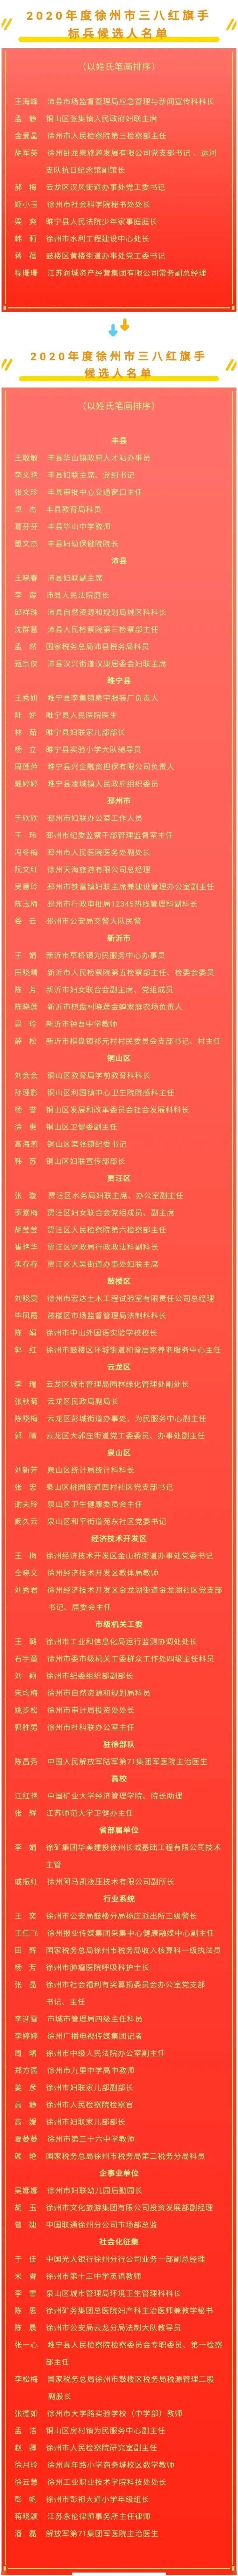 【公示】2020年度徐州市三八红旗手标兵、徐州市三八红旗手(集体)公示